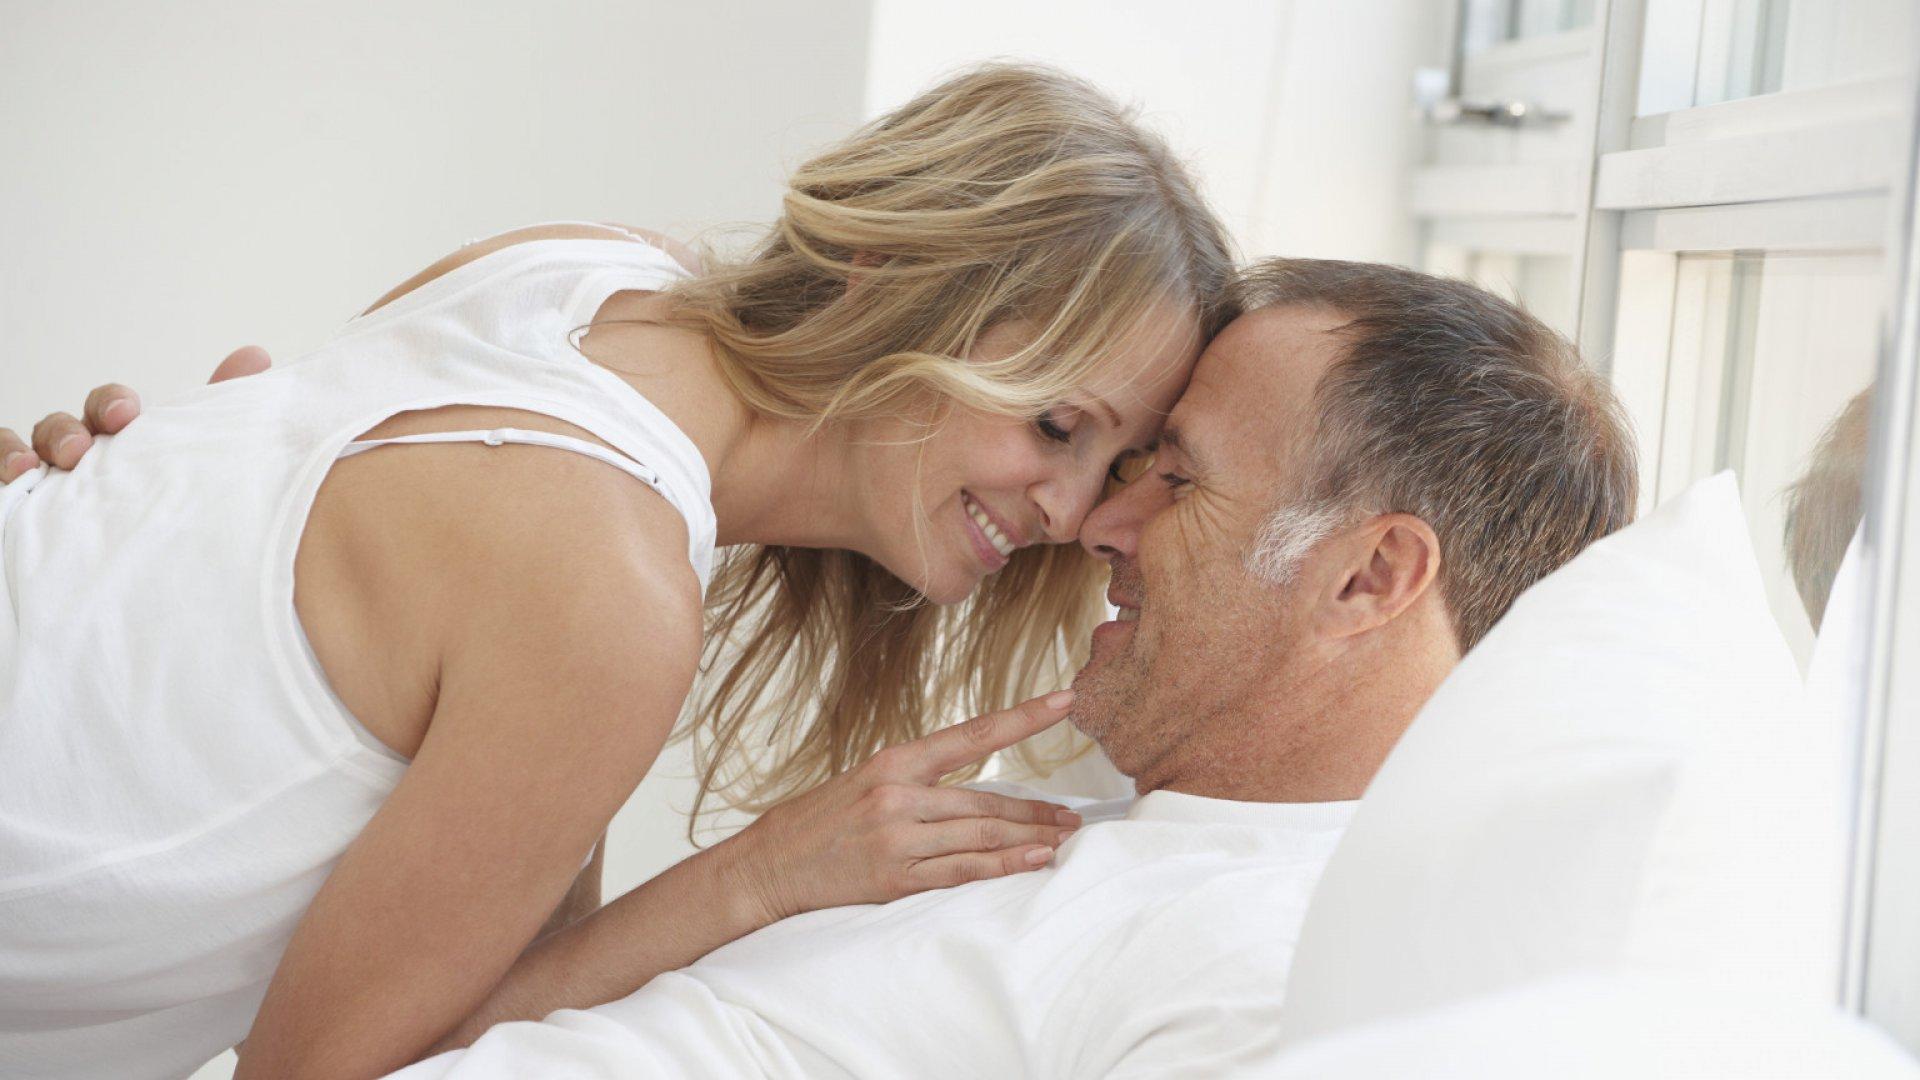 erecția dispare în timpul actului sexual erecția genitală